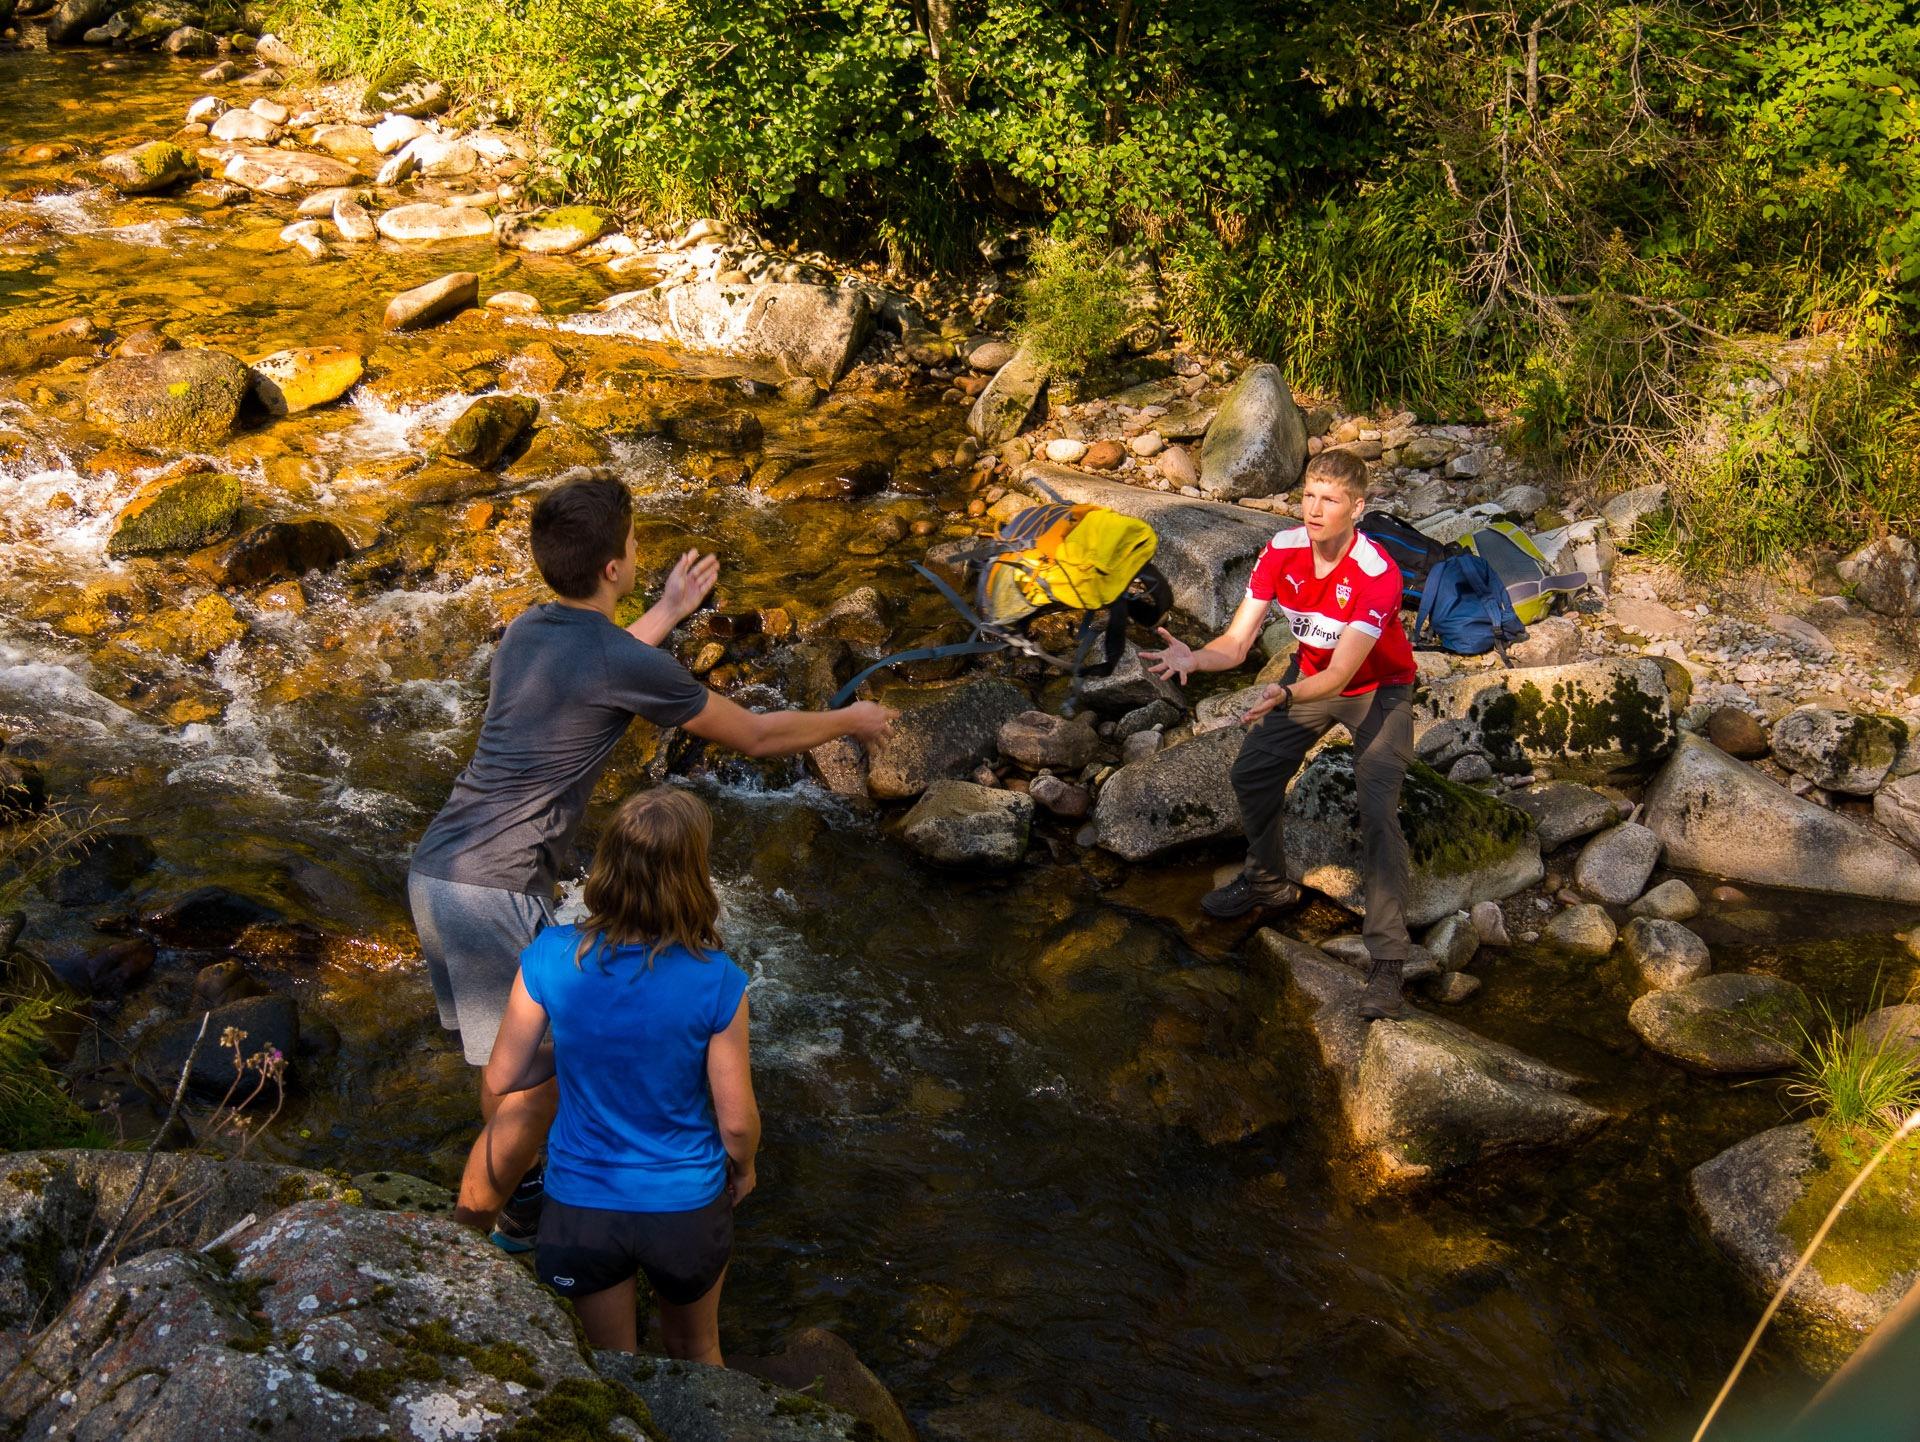 Bei der Fluss Challenge müssen die Rucksäcke über das Wasser transportiert werden, ohne dass die nebenliegende Brücke benutzt werden darf.